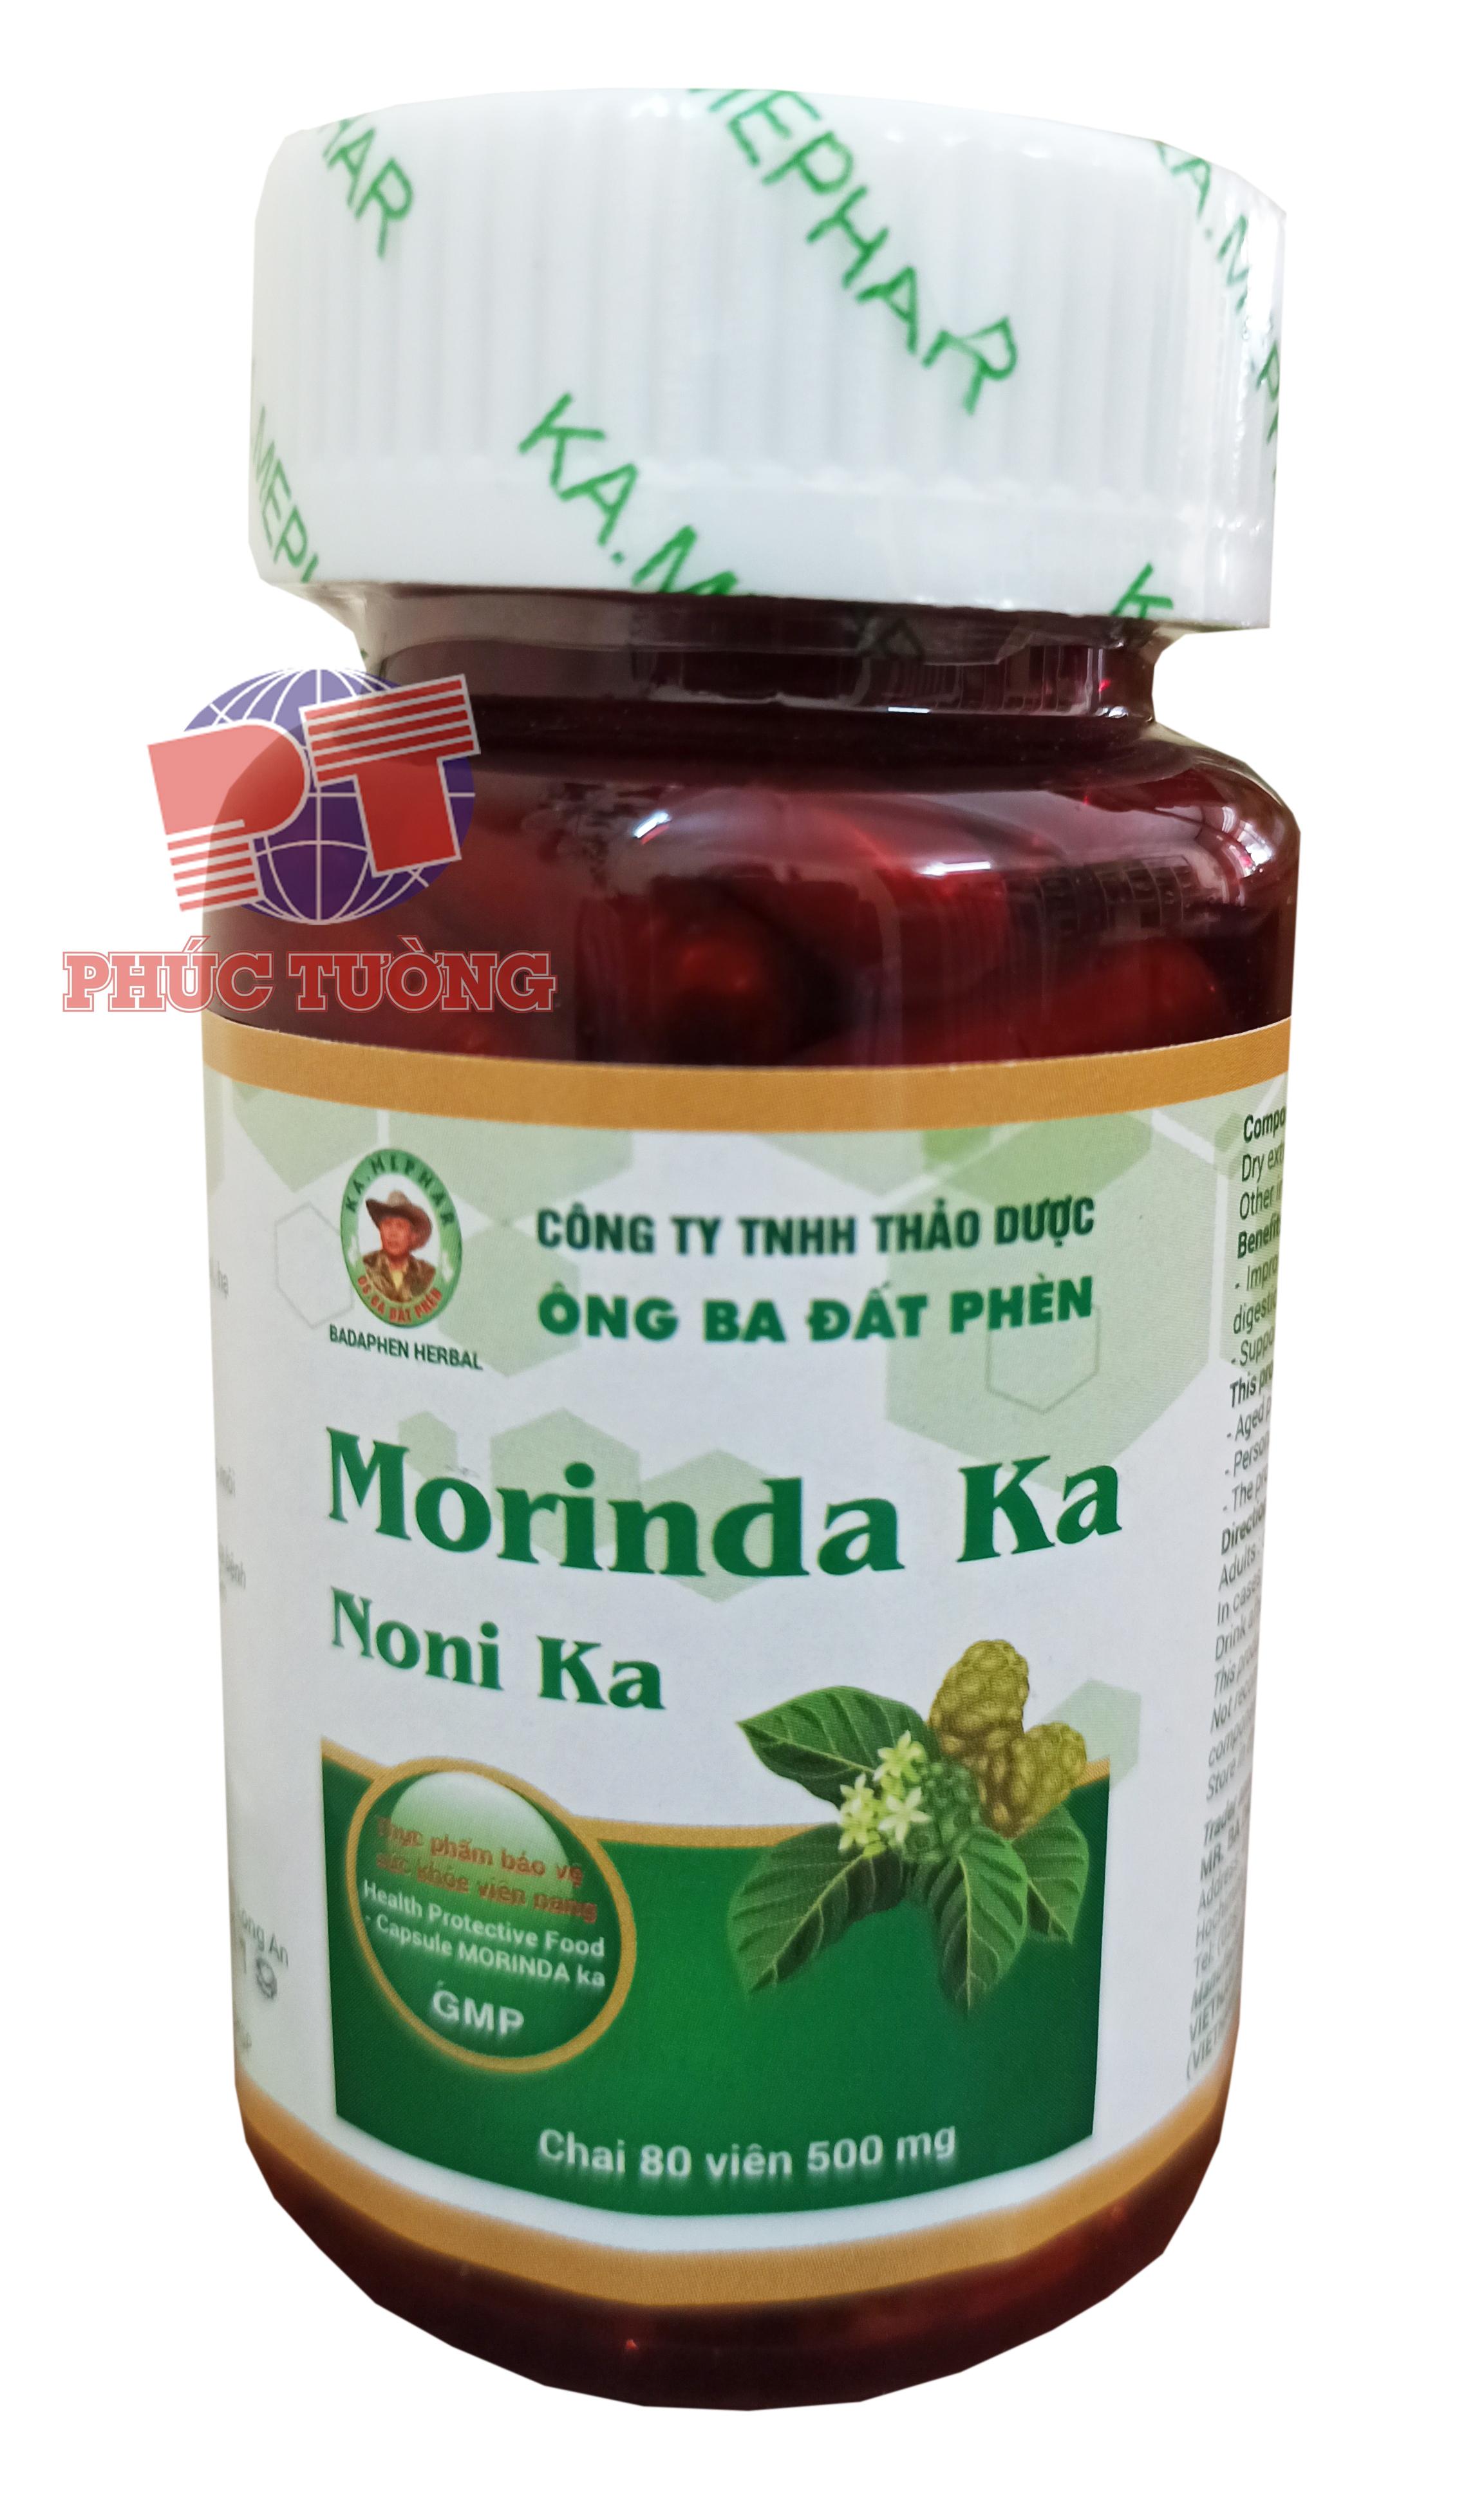 Morinda KA (Noni KA) - Kích thích tiêu hoá, tăng sức đề kháng